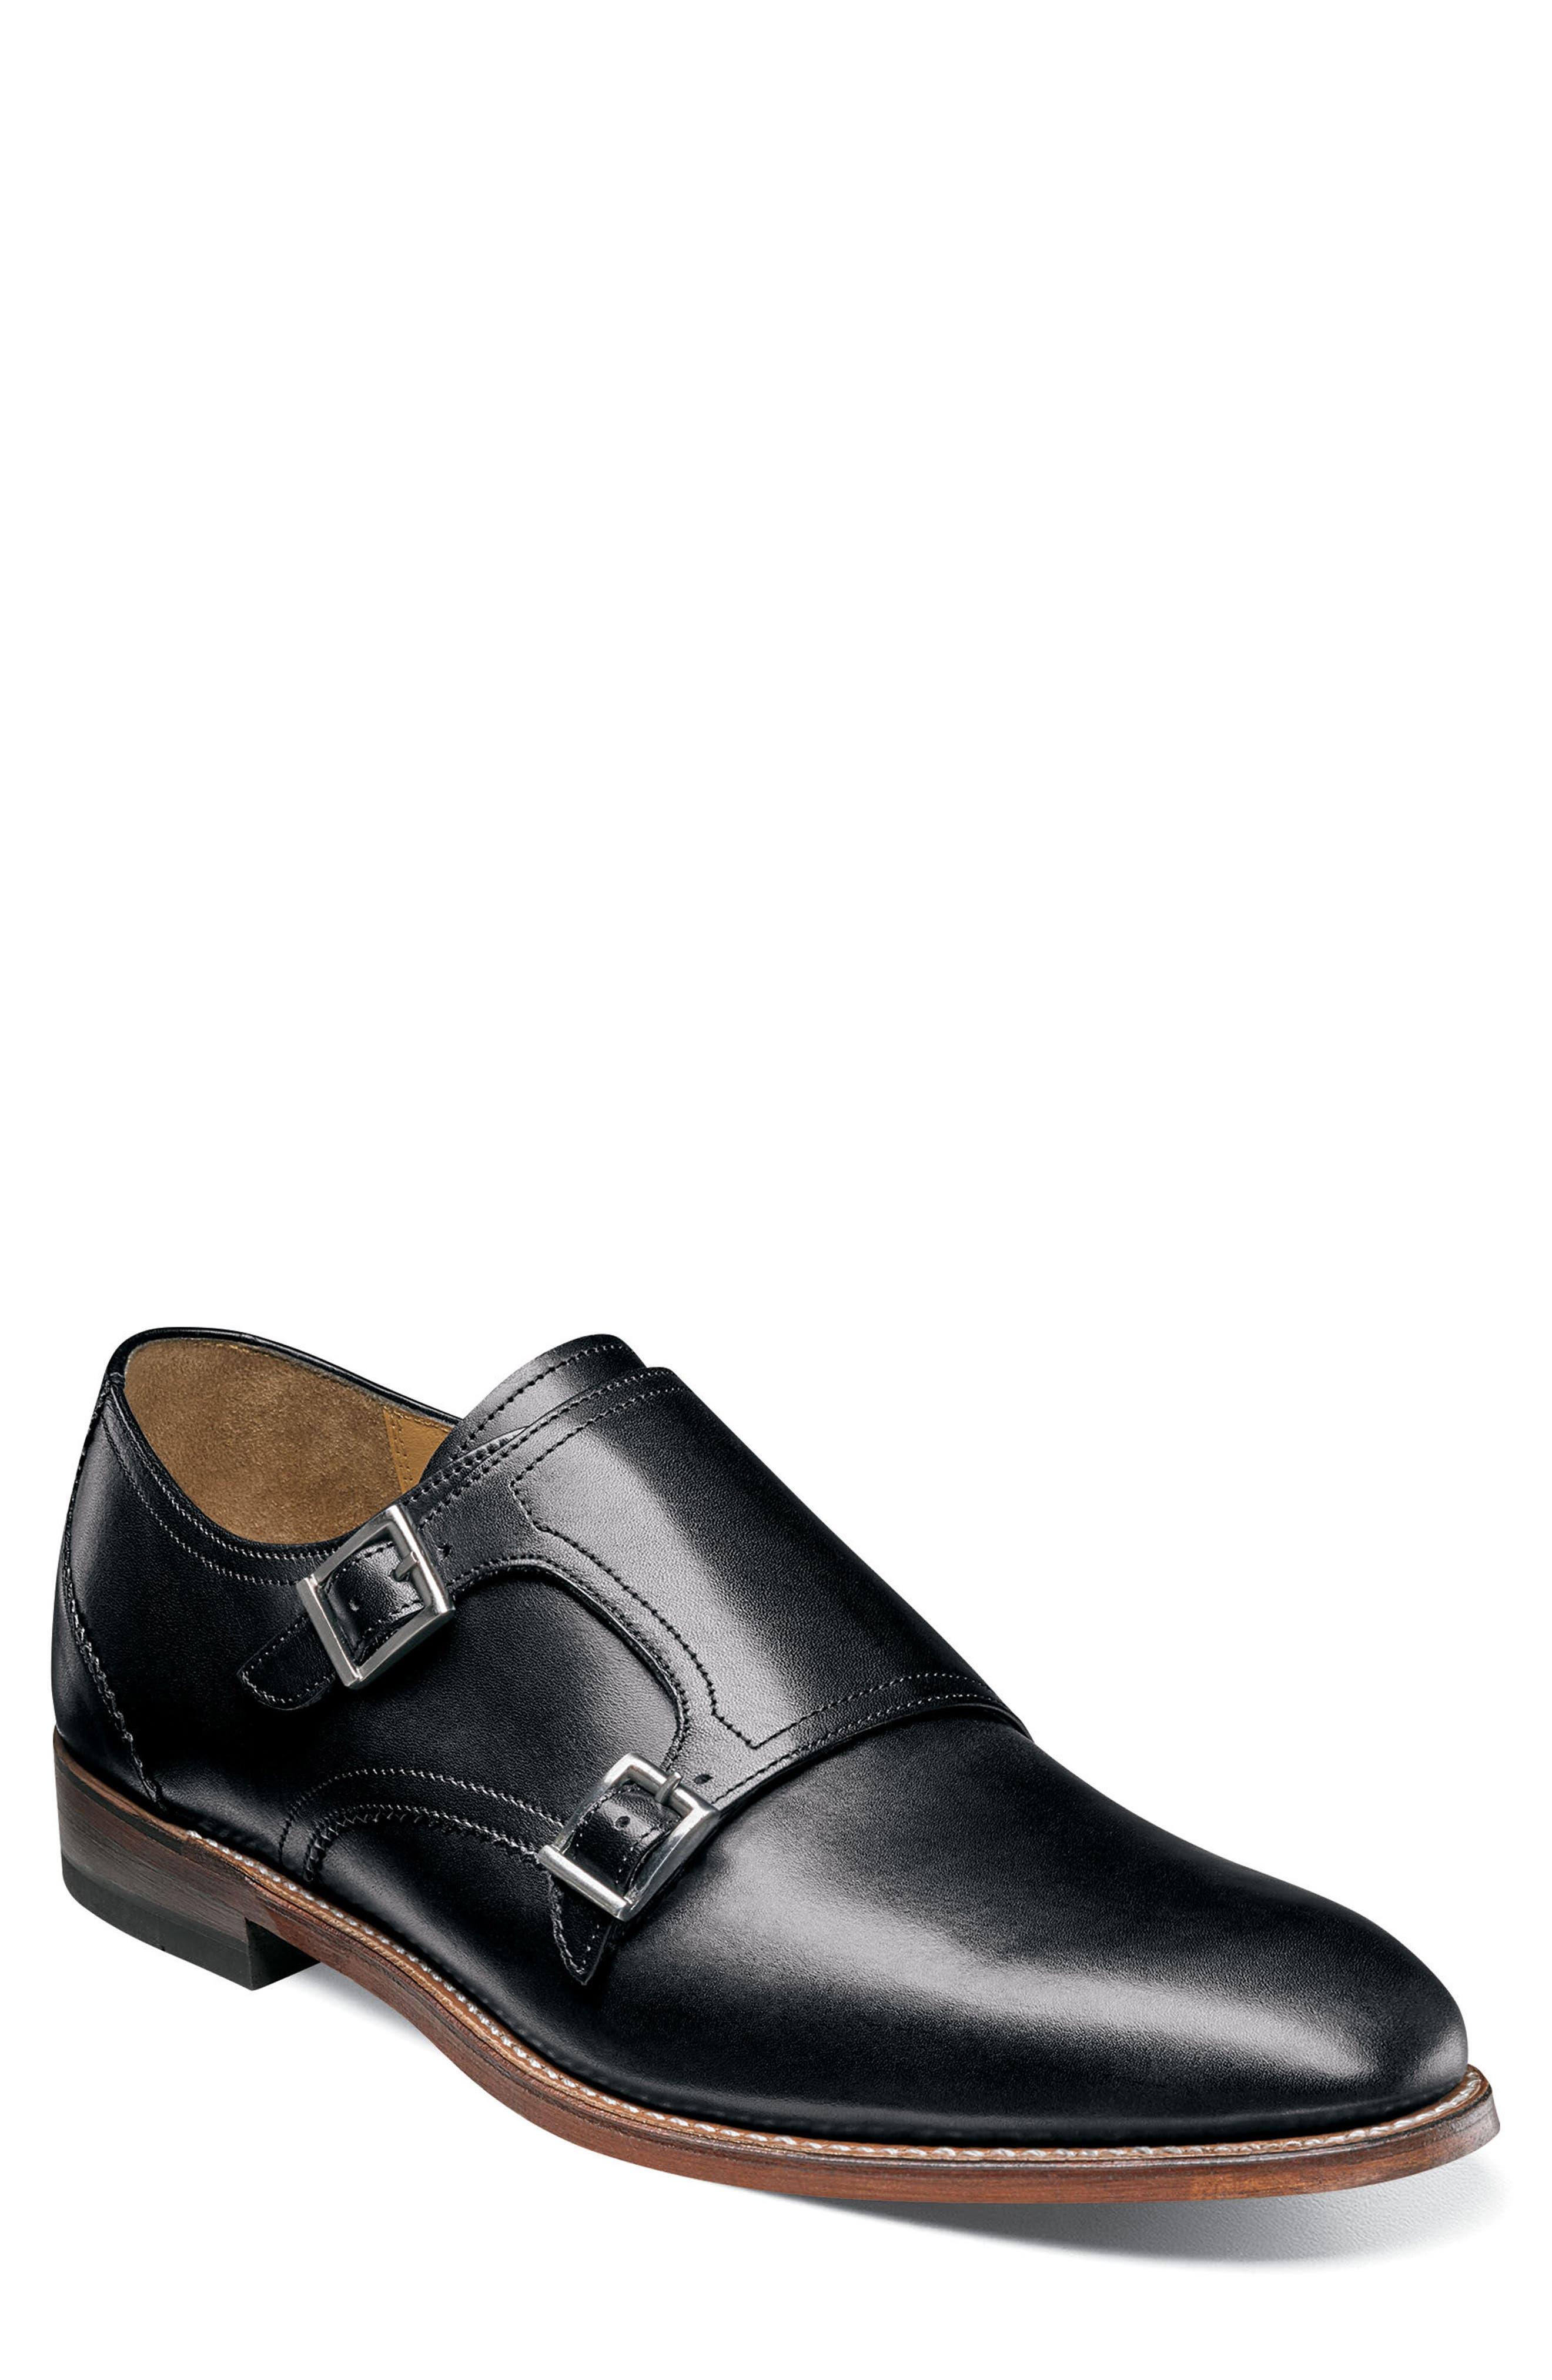 M2 Plain Toe Double Strap Monk Shoe,                             Main thumbnail 1, color,                             Black Leather